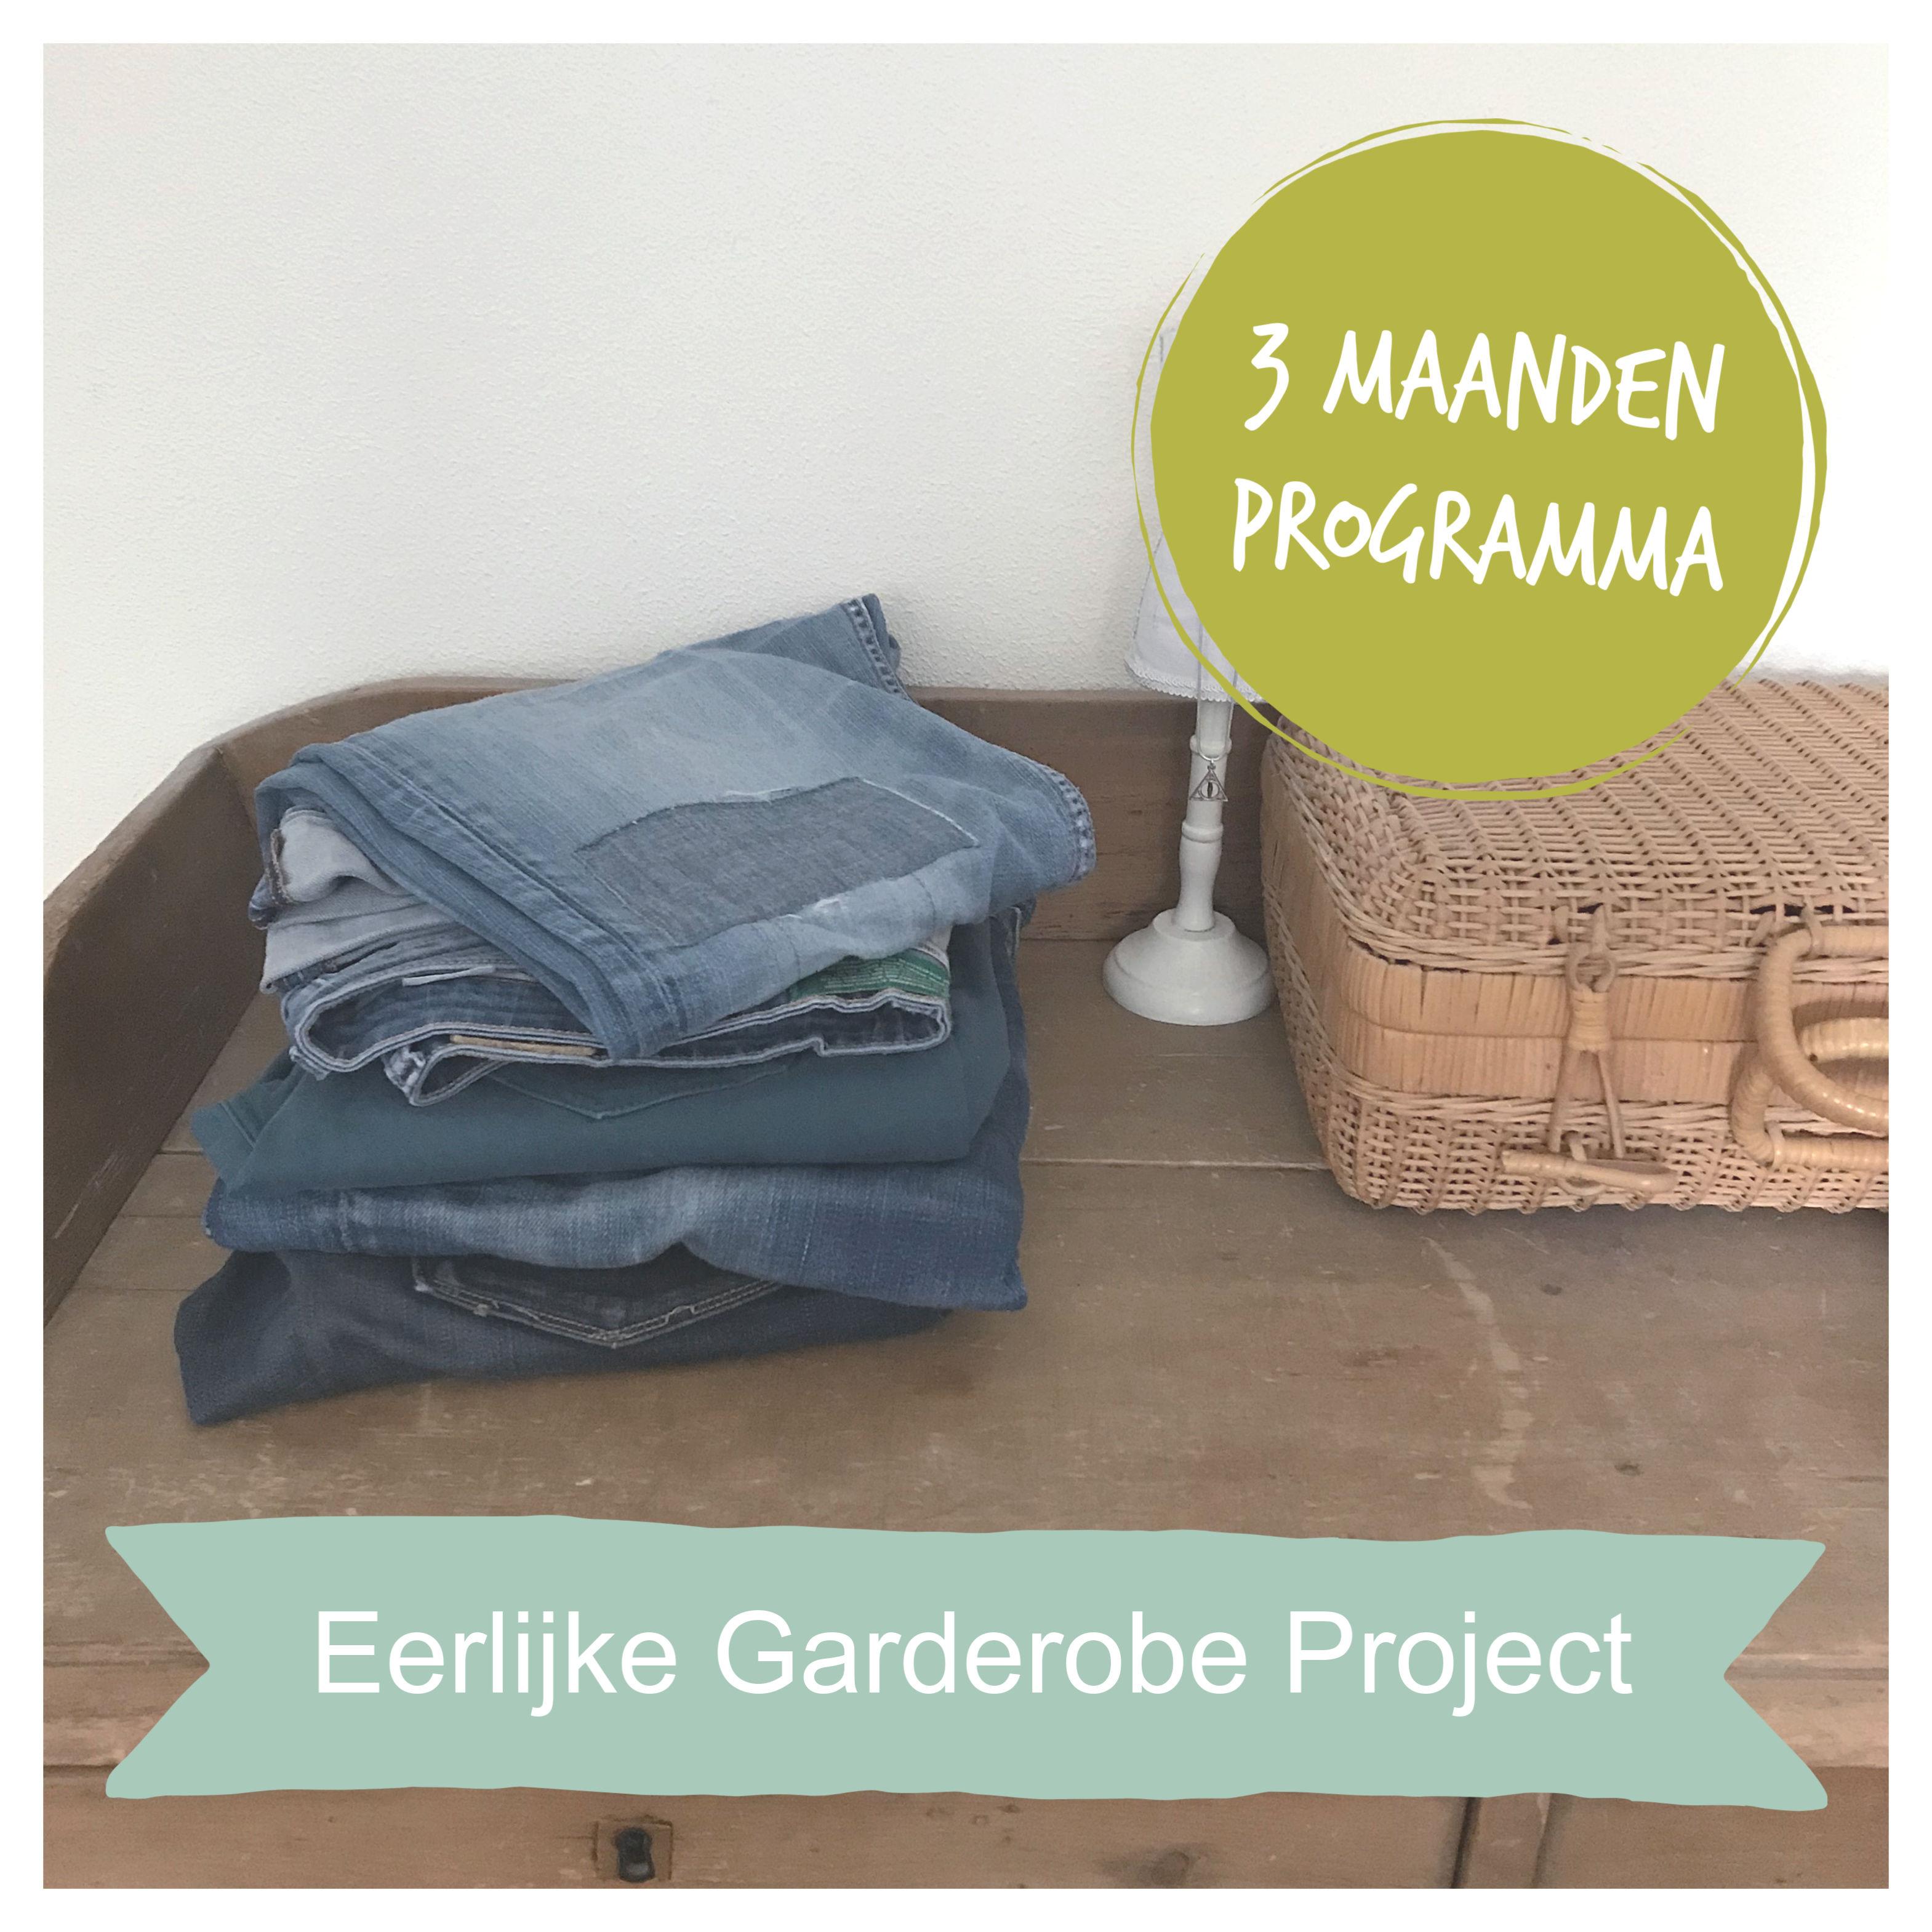 Eerlijke Garderobe Project (2)